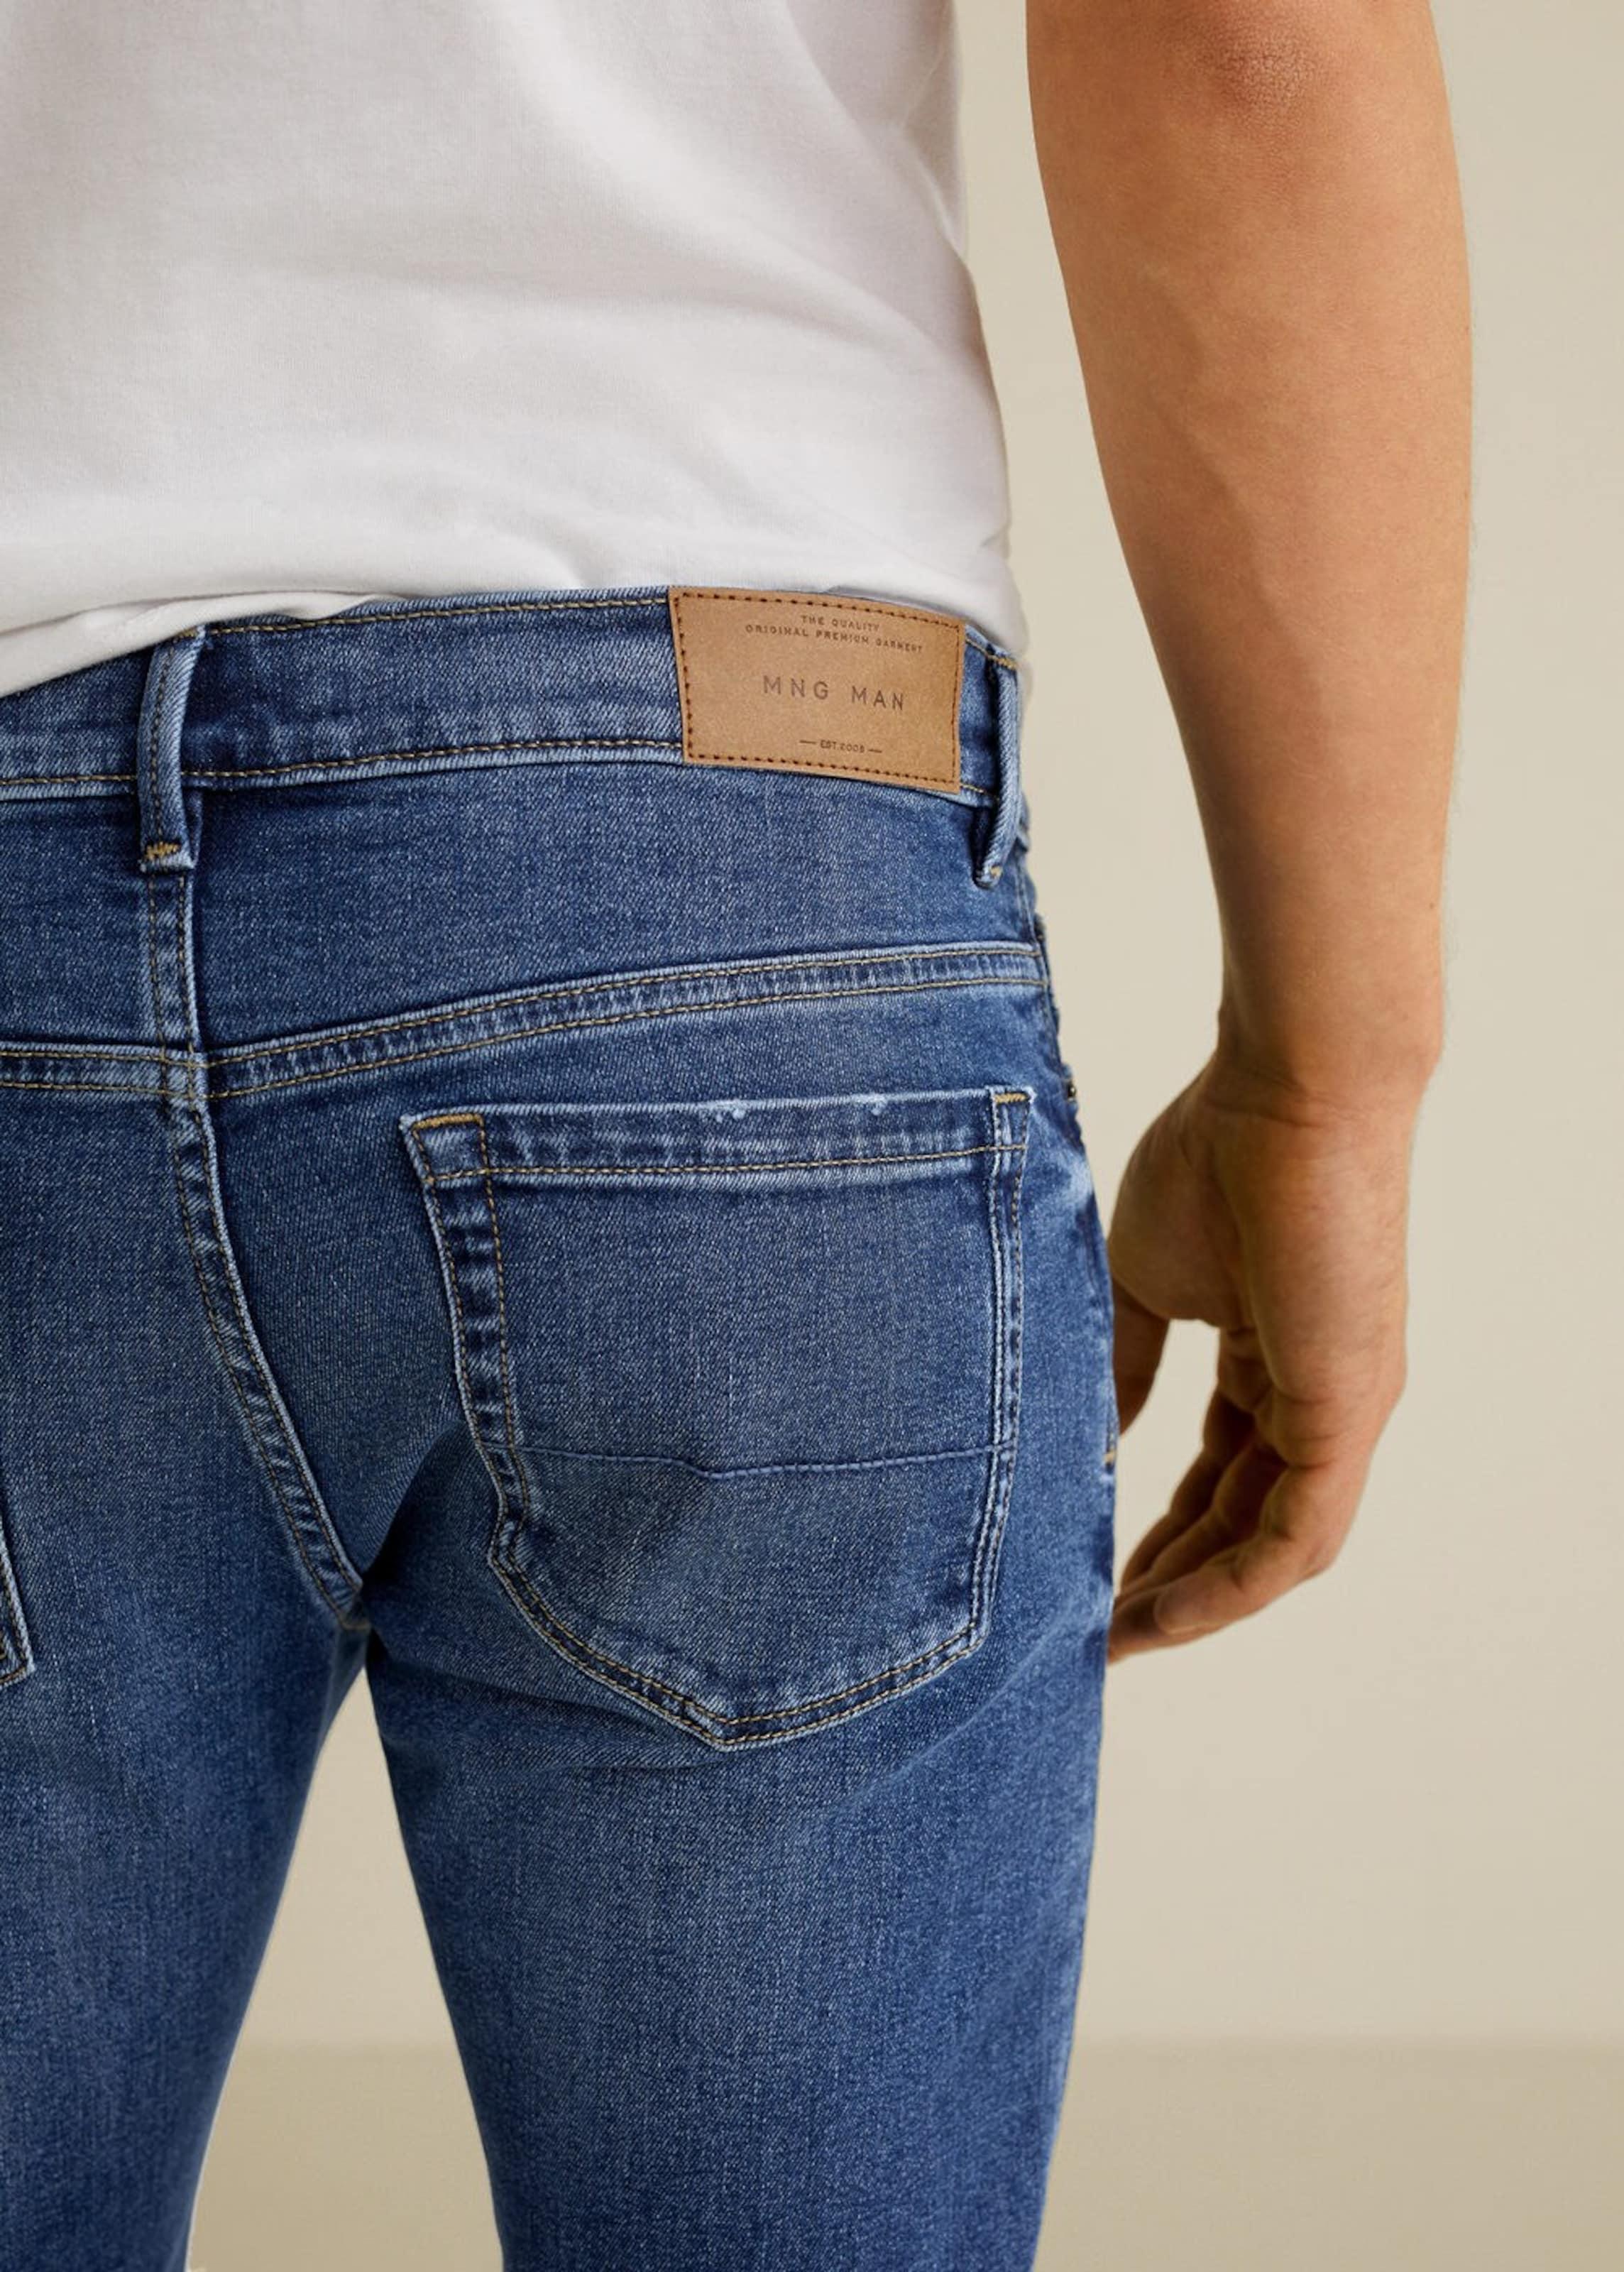 Denim Man Jeans 'jude5' Mango In Blue SzqVpGUM